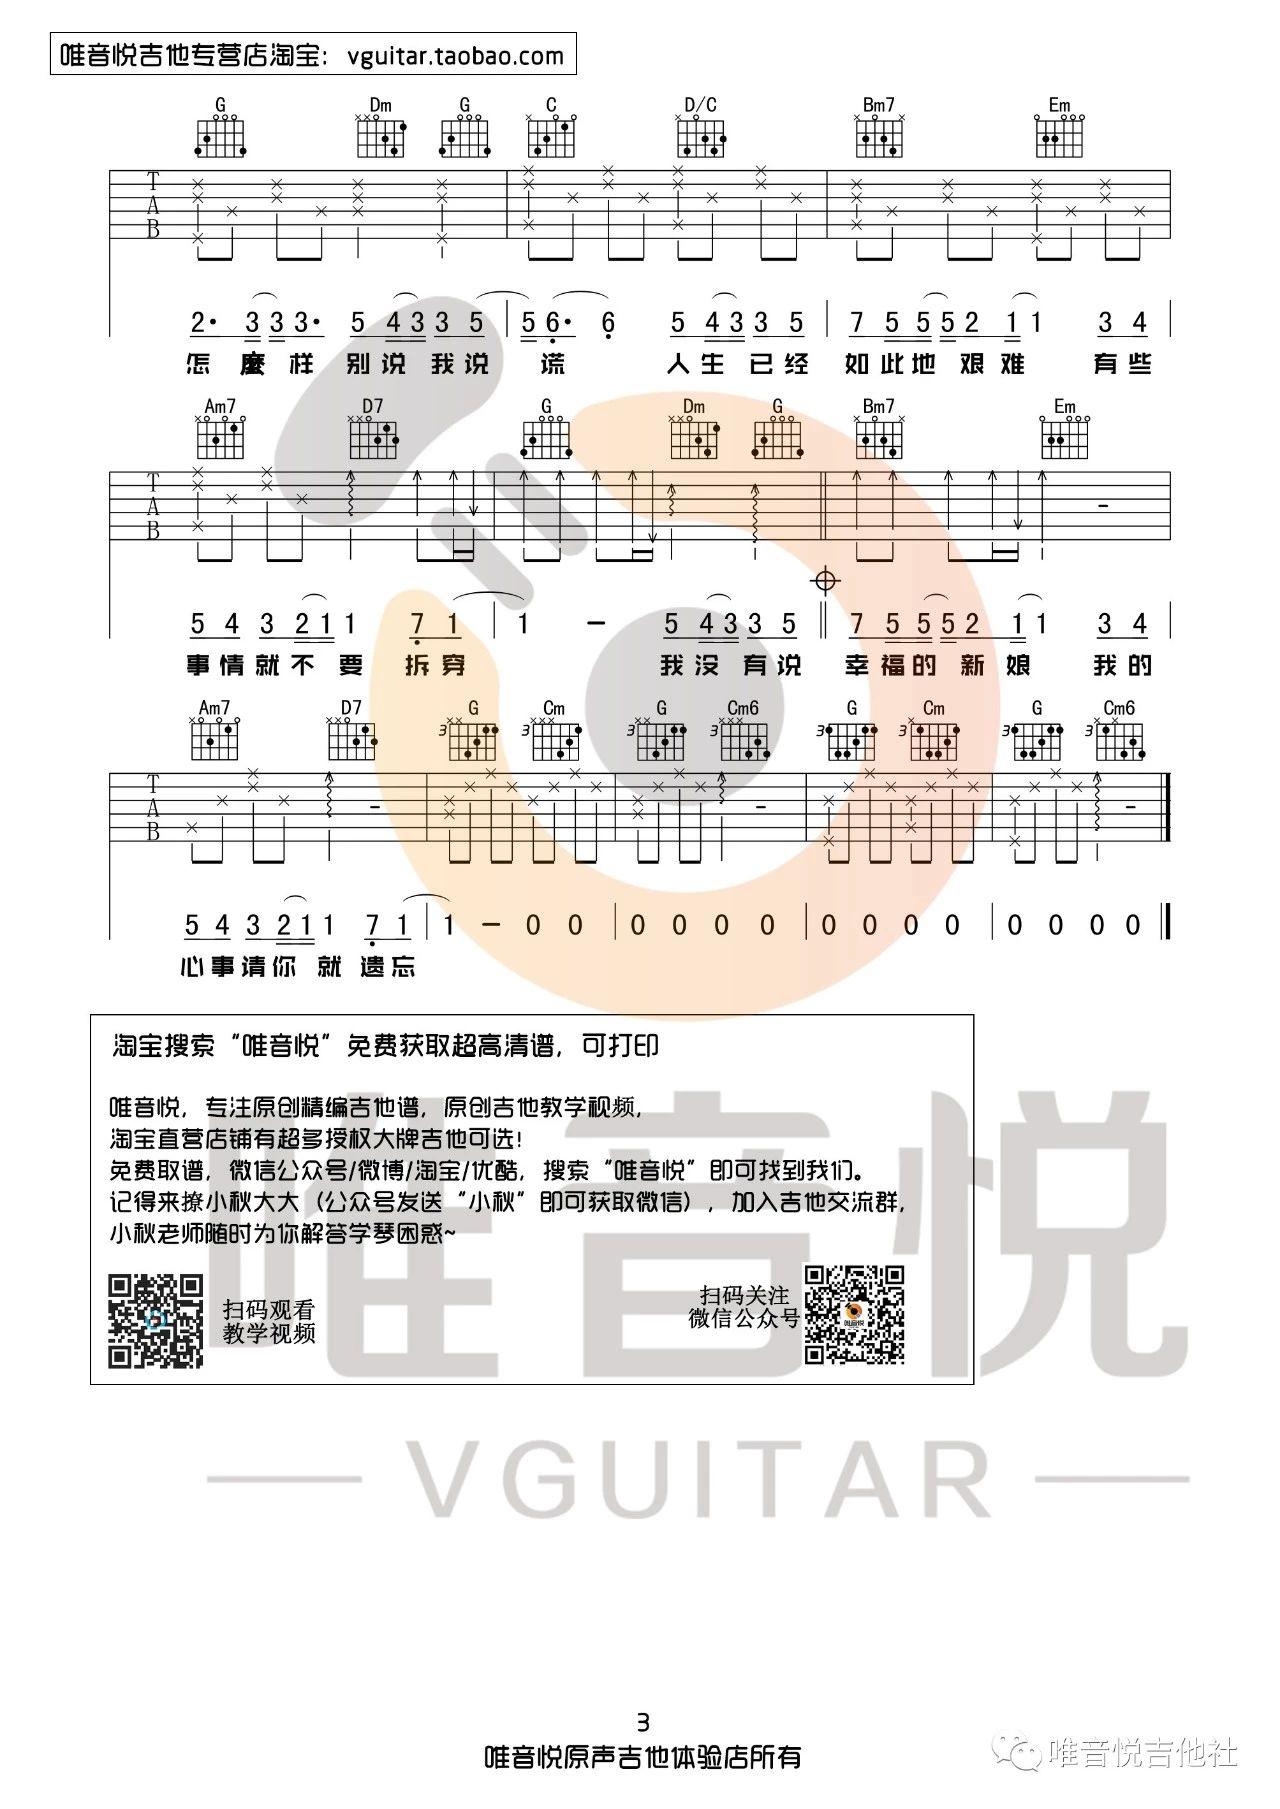 吉他派《说谎》吉他谱-3